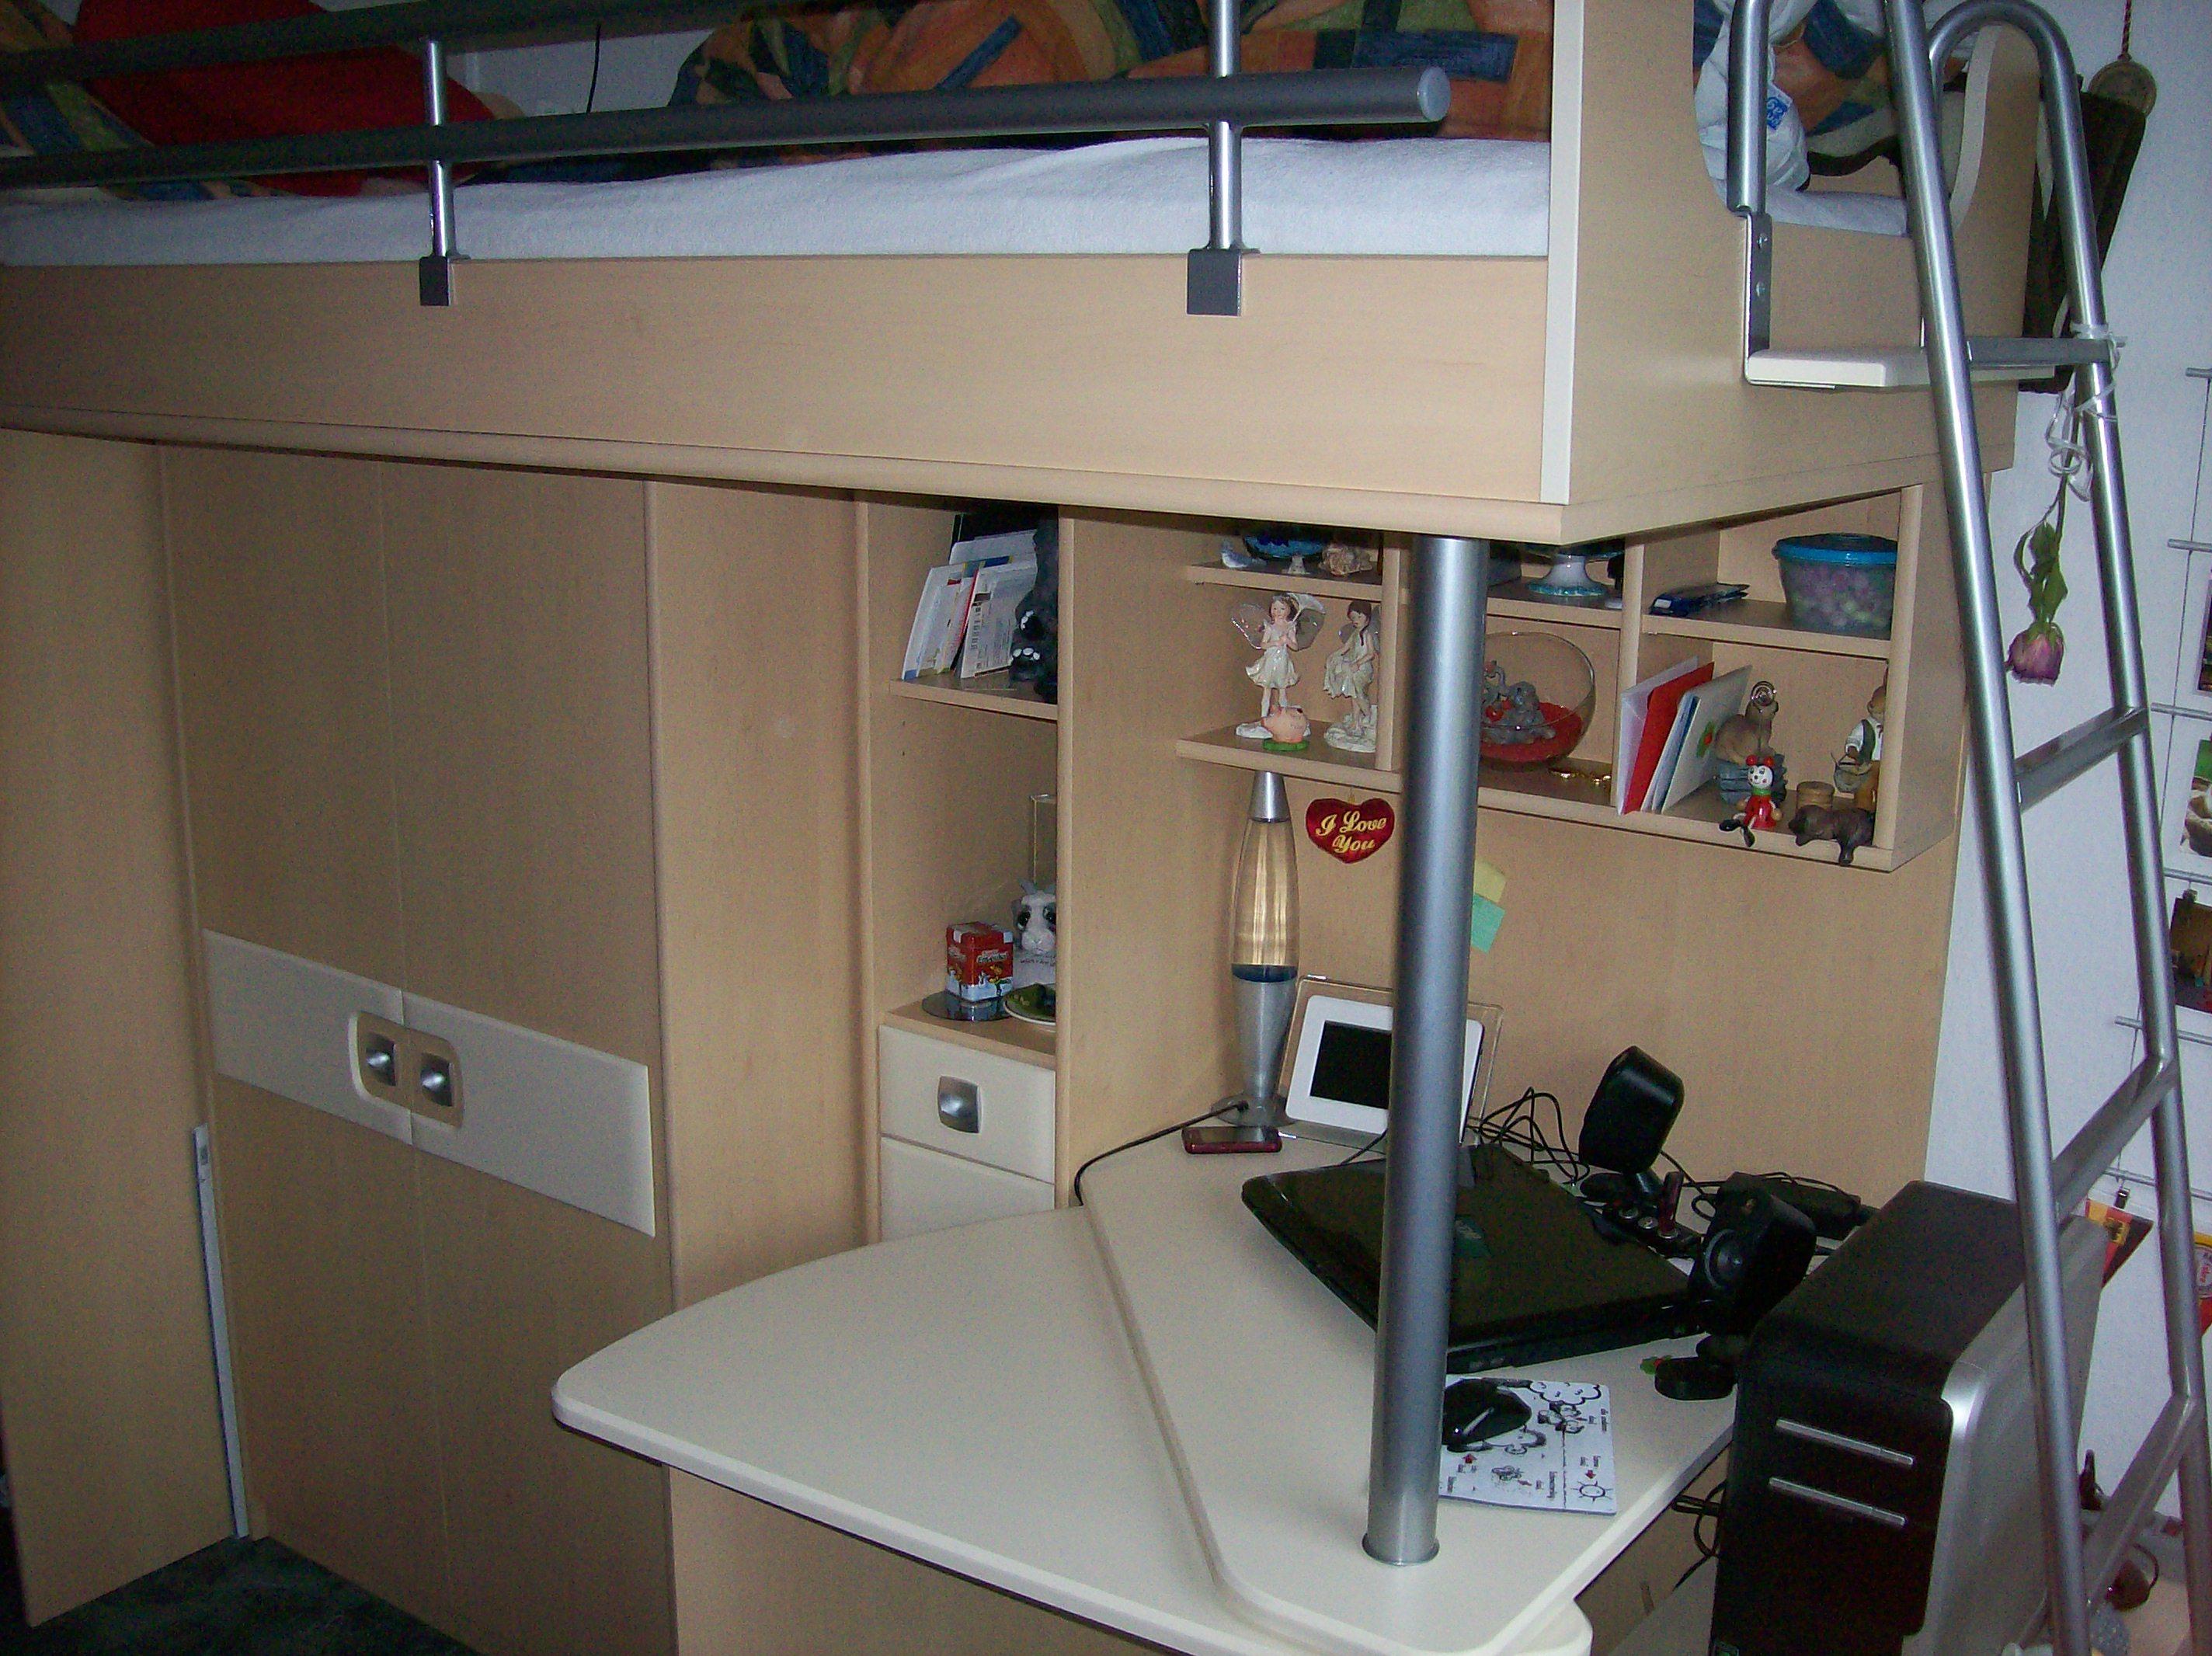 kfz nach marken kleinanzeigen in bielefeld seite 1. Black Bedroom Furniture Sets. Home Design Ideas